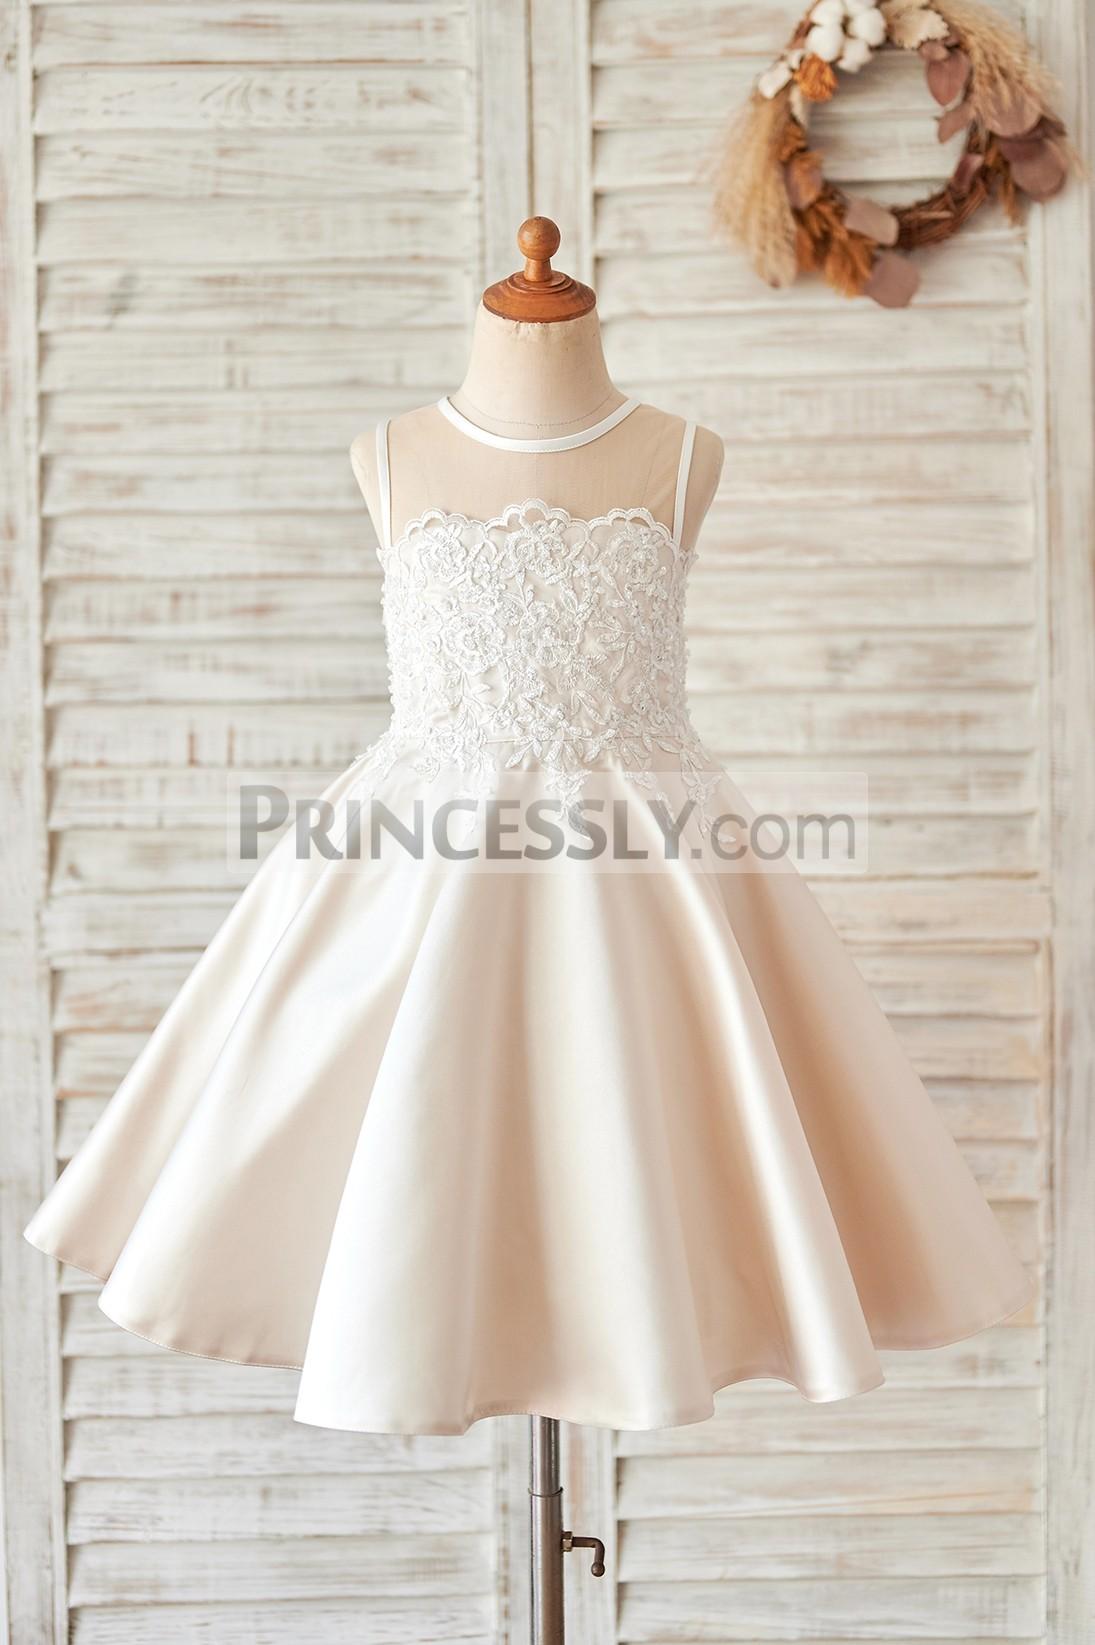 Princessly.com-K1004064-Champagne Satin Ivory Lace Sheer Back Wedding Flower Girl Dress-31